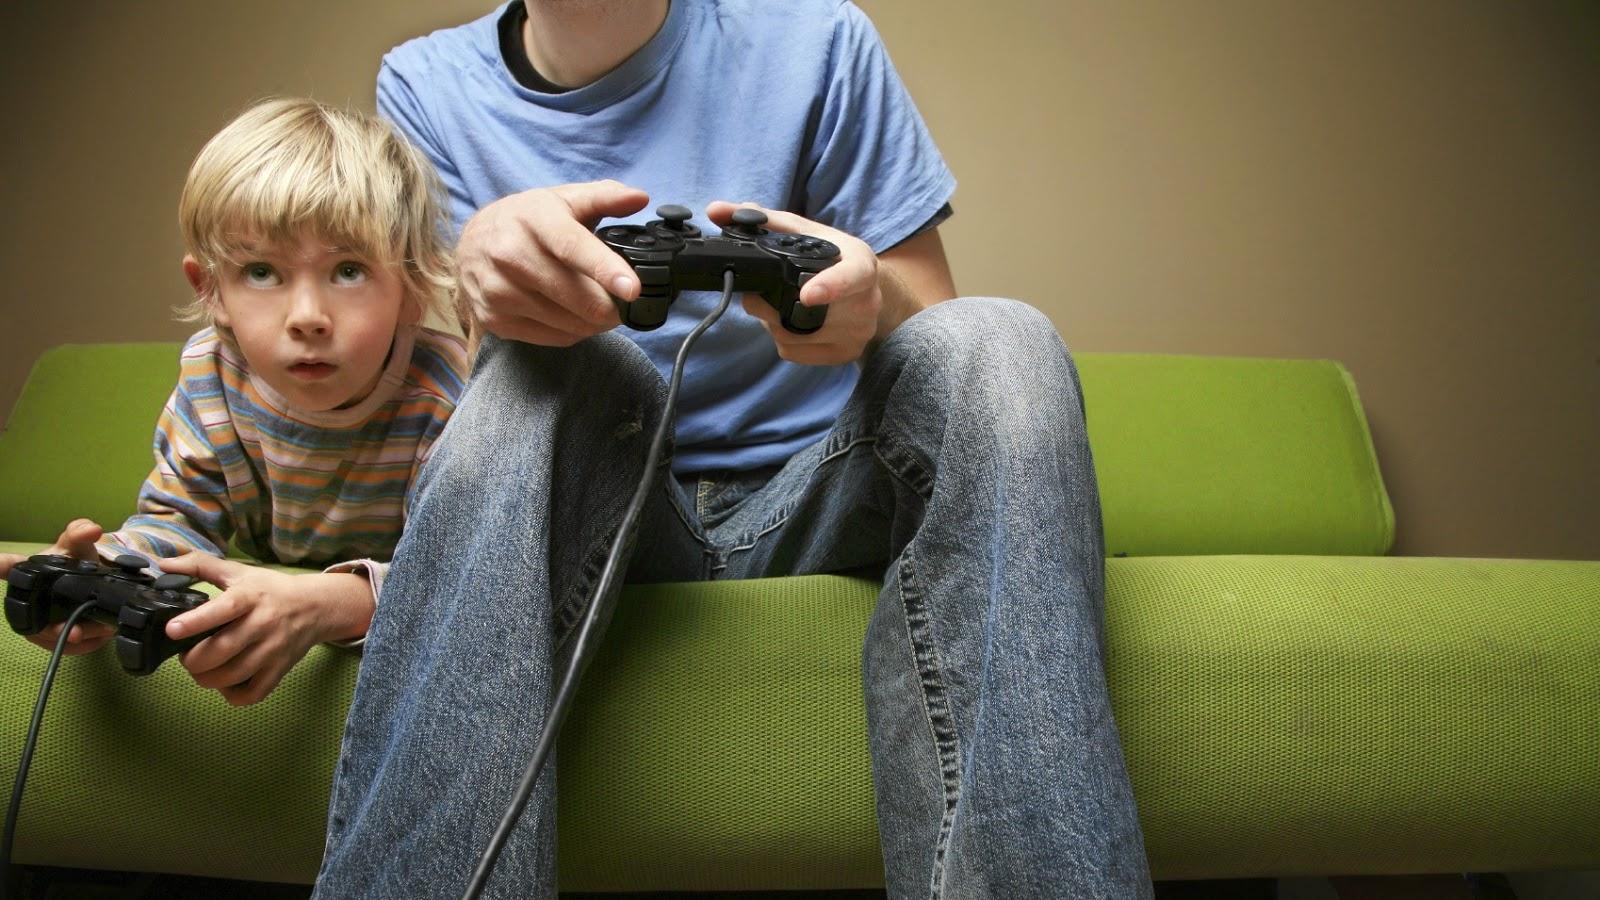 أفضل 5 ألعاب مجانية للويندوز لهذا الأسبوع